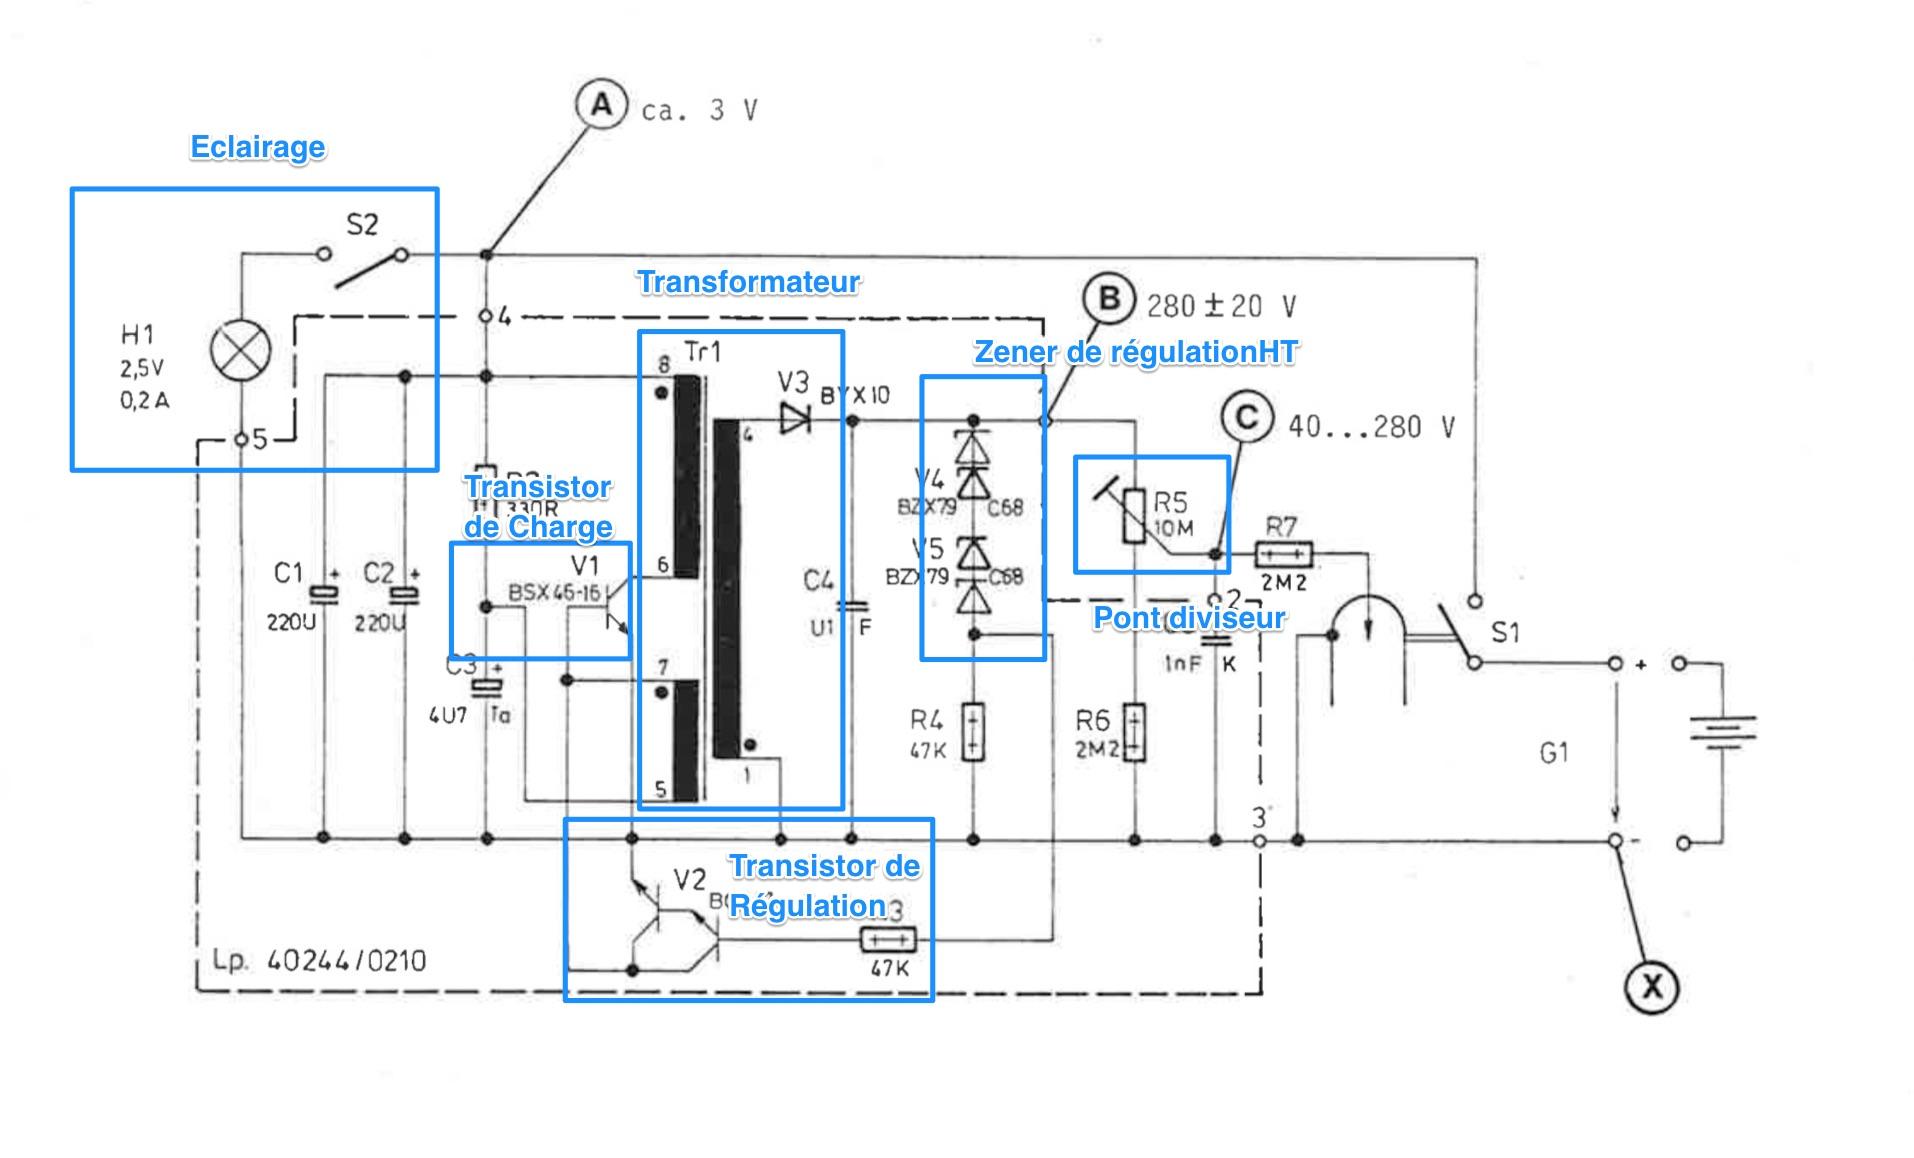 [Review] Stylos Dosimètres : Théorie, réparation, tests & co Scheam11